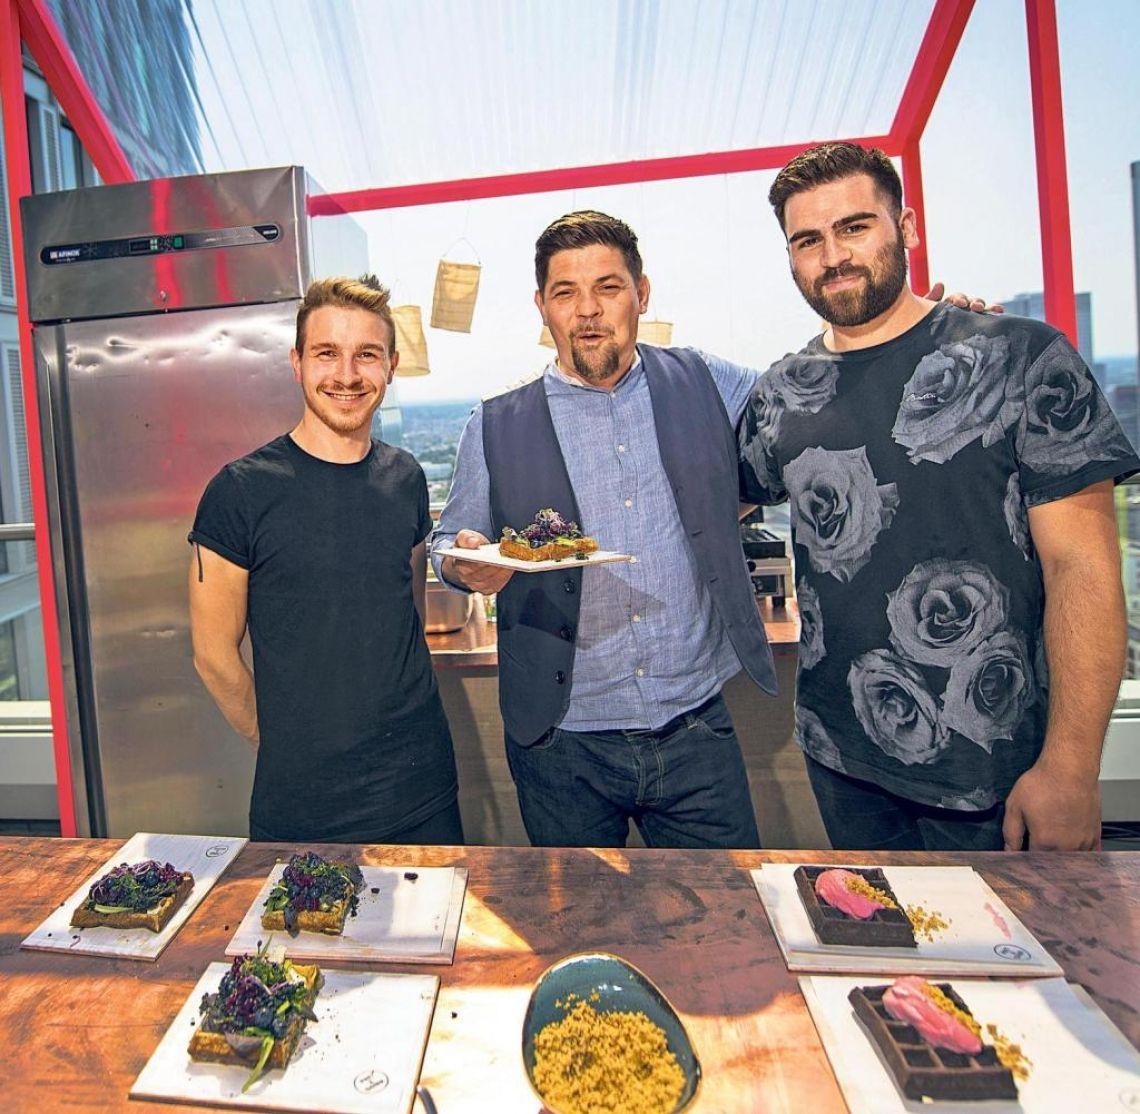 Tim Mälzer zu Besuch Tim Mälzer, Streetfoodcatering by GOOSE Gourmet, Foodtruck, Pret a Diner